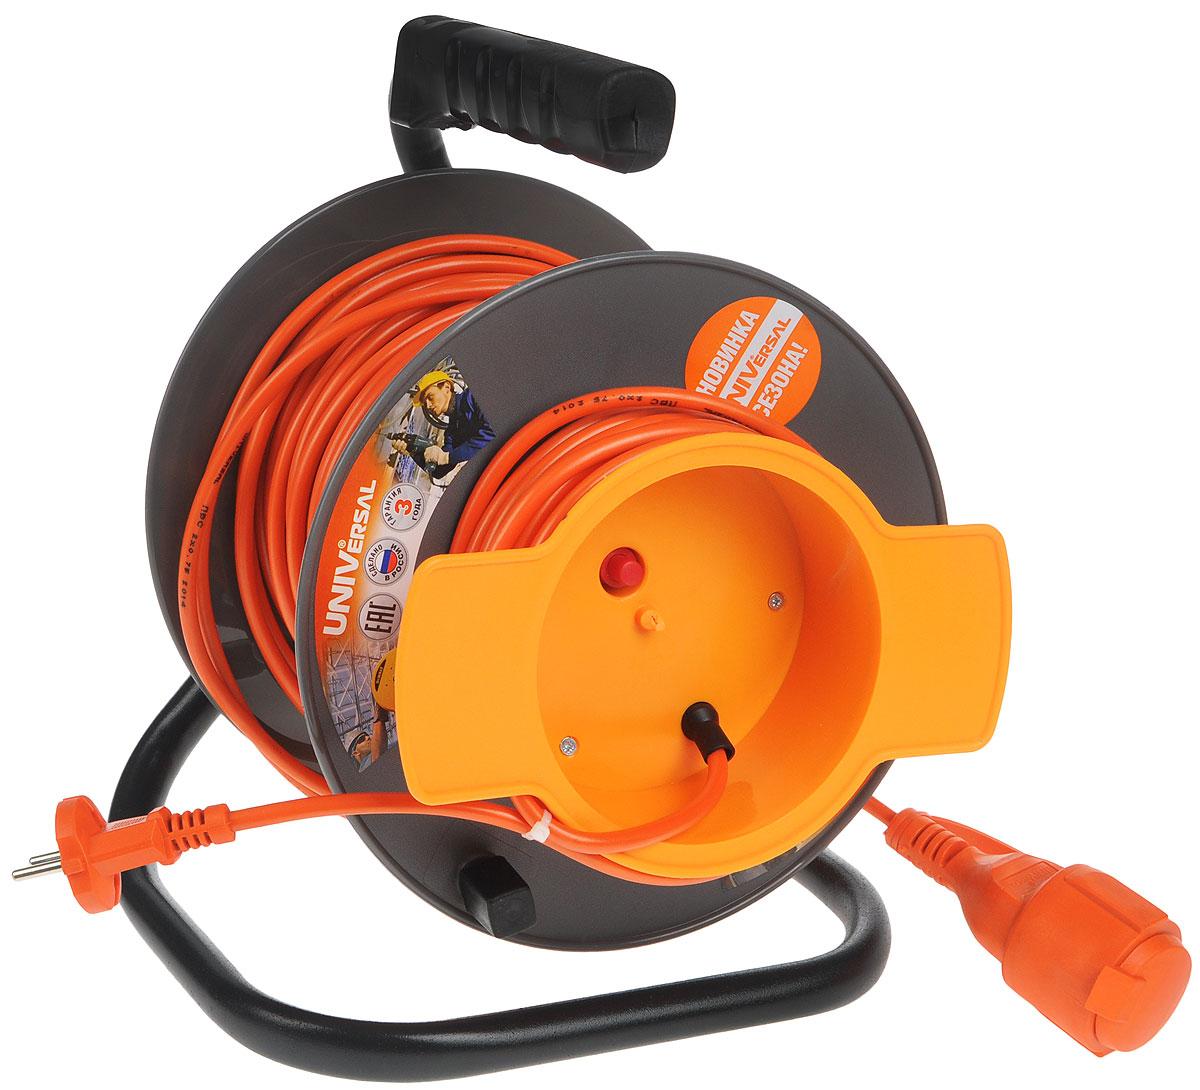 Удлинитель на катушке UNIVersal, без заземления, цвет: серый, оранжевый, 40 мOP6316Удлинитель на катушке UNIVersal предназначен для подключения одного электроприбора. Будет полезен в гараже, на приусадебном участке, при проведении строительных, ремонтных и монтажных работ. Идеален для подключения газонокосилок, у которых предусмотрен короткий сетевой провод и фиксатор для соединения кабелей инструмента и удлинителя. Длина кабеля 40 метров позволит проводить необходимые работы на значительном расстоянии от источника питания. Рассчитан на напряжение 220В. Быстро сматывается/разматывается, экономя время оператора, удобен в хранении. Провод с поливинилхлоридной изоляцией обеспечивает надежность и безопасность работы.Характеристики:Длина провода: 40 м.Количество розеток: 1.Максимальная мощность: 1300 Вт.Максимальный ток: 6 A.Провод: ПВС 2 х 0,75 мм.